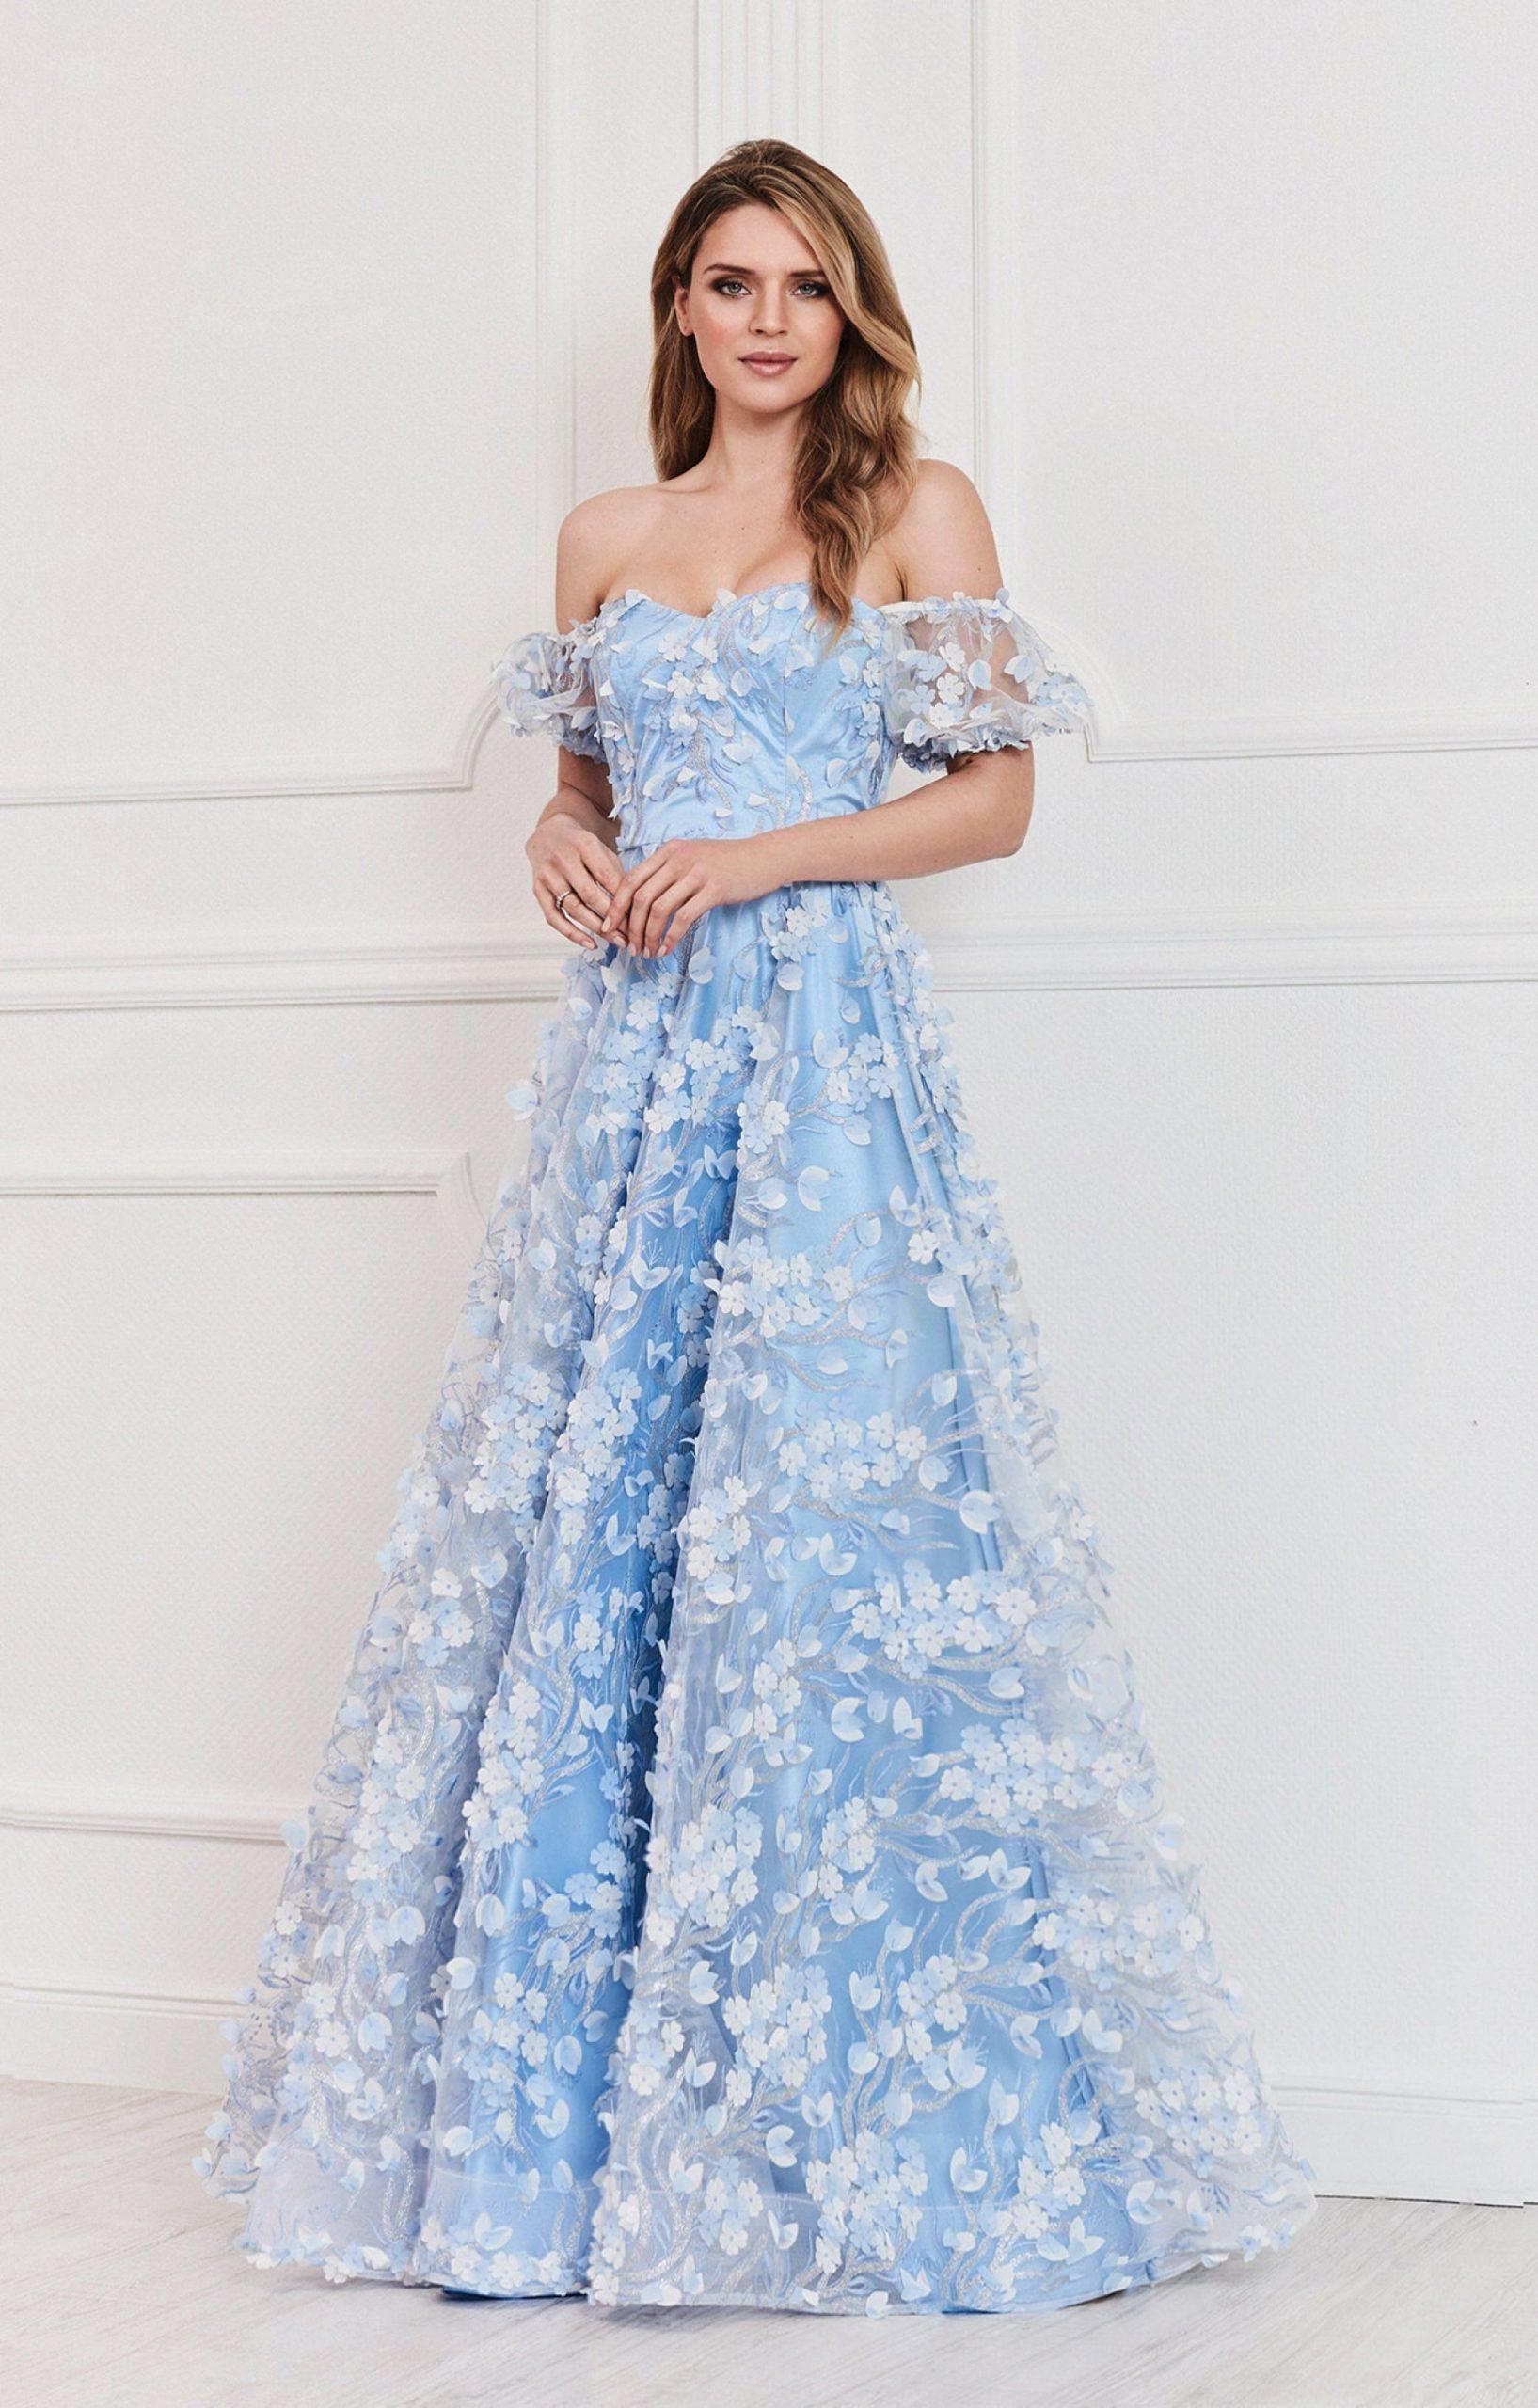 13 Großartig Glitzer Abend Kleid BoutiqueDesigner Top Glitzer Abend Kleid Galerie